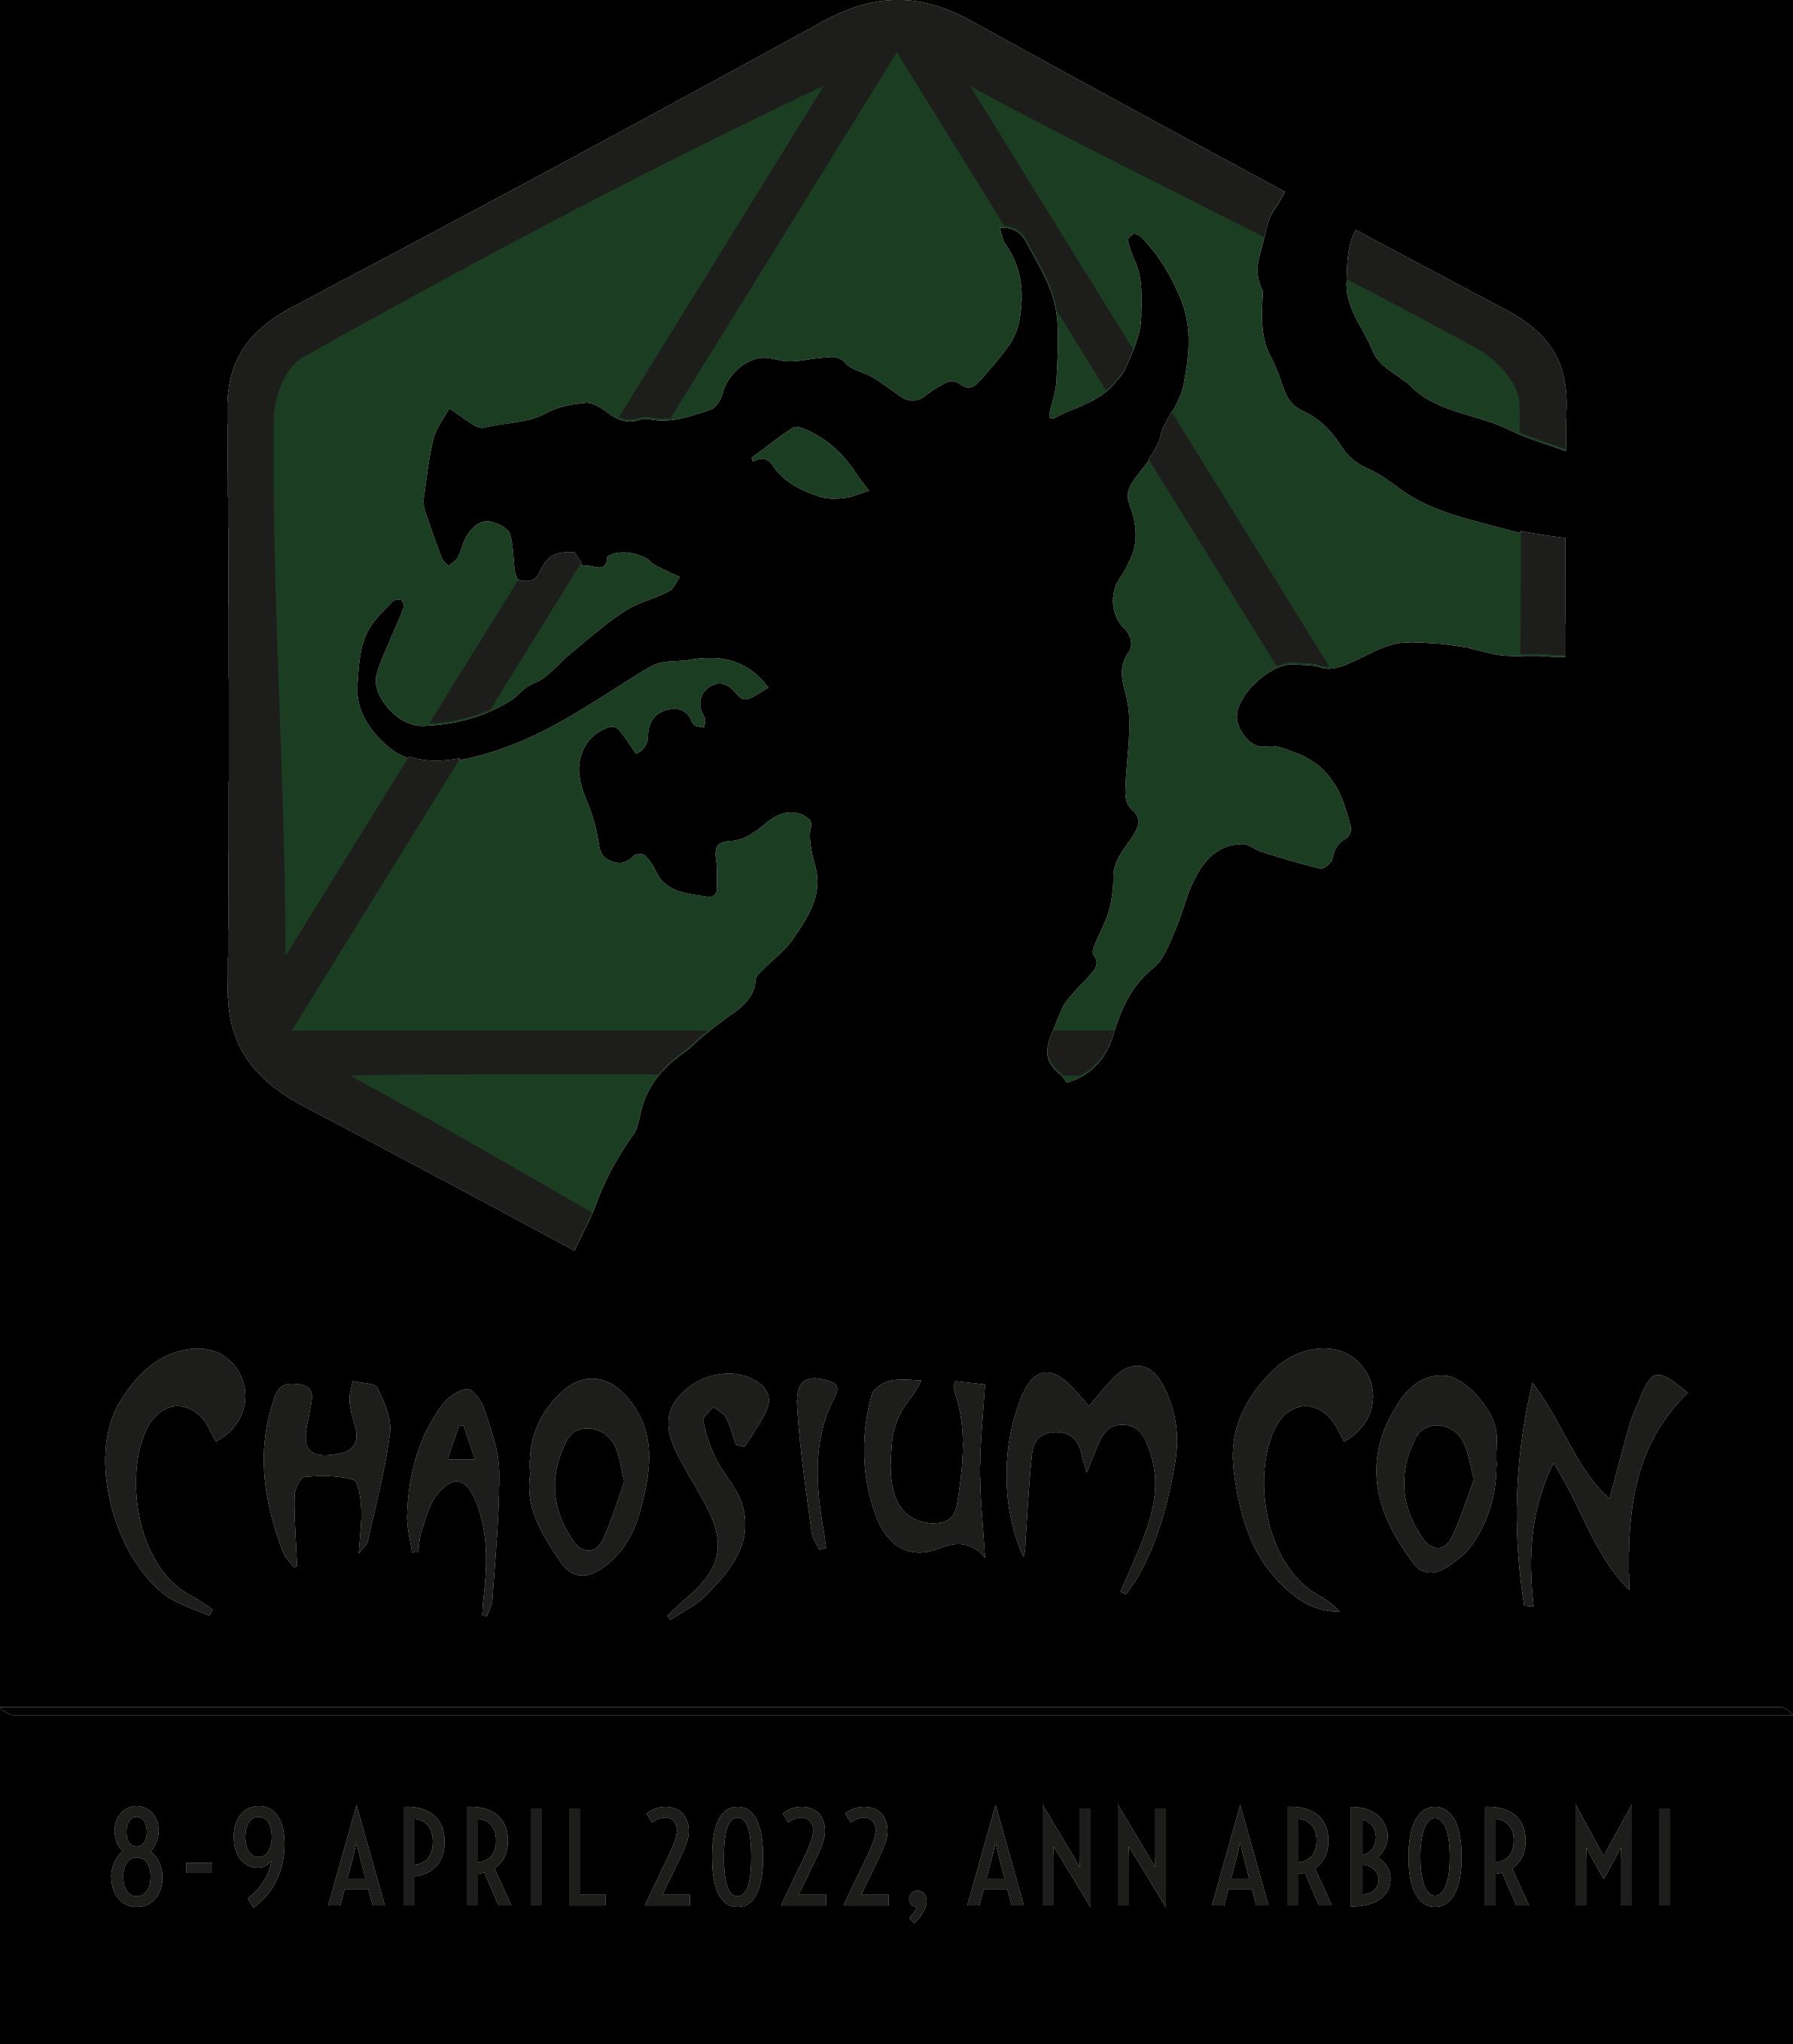 chaosium-con-logo.png